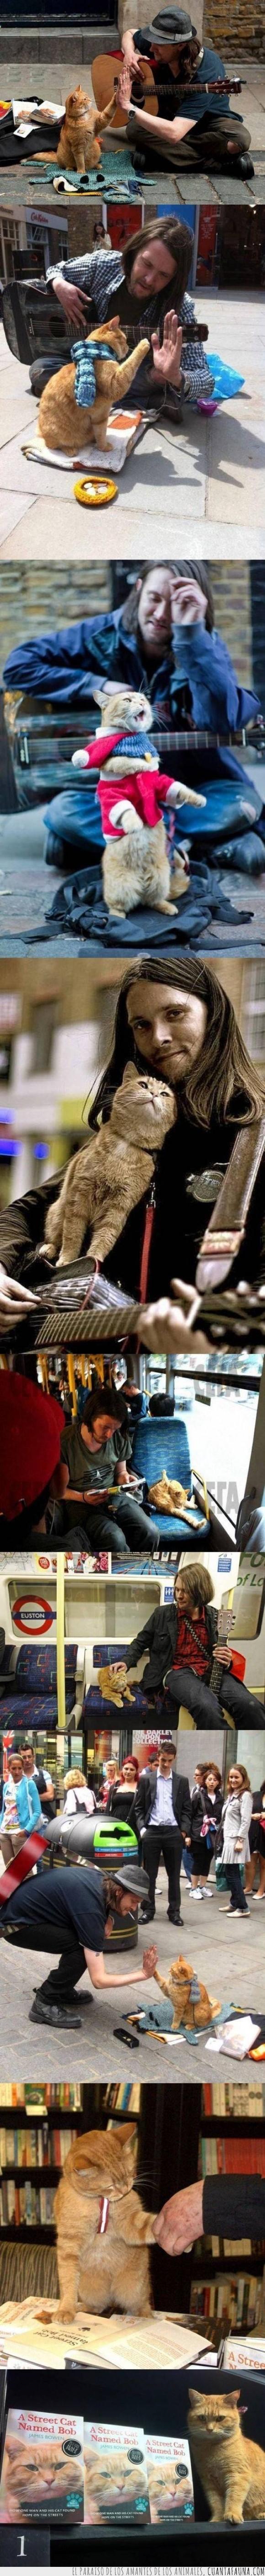 bob,gato,indigente,libro,musico,salir adelante,sigue siendo mejor que twilight,sin hogar